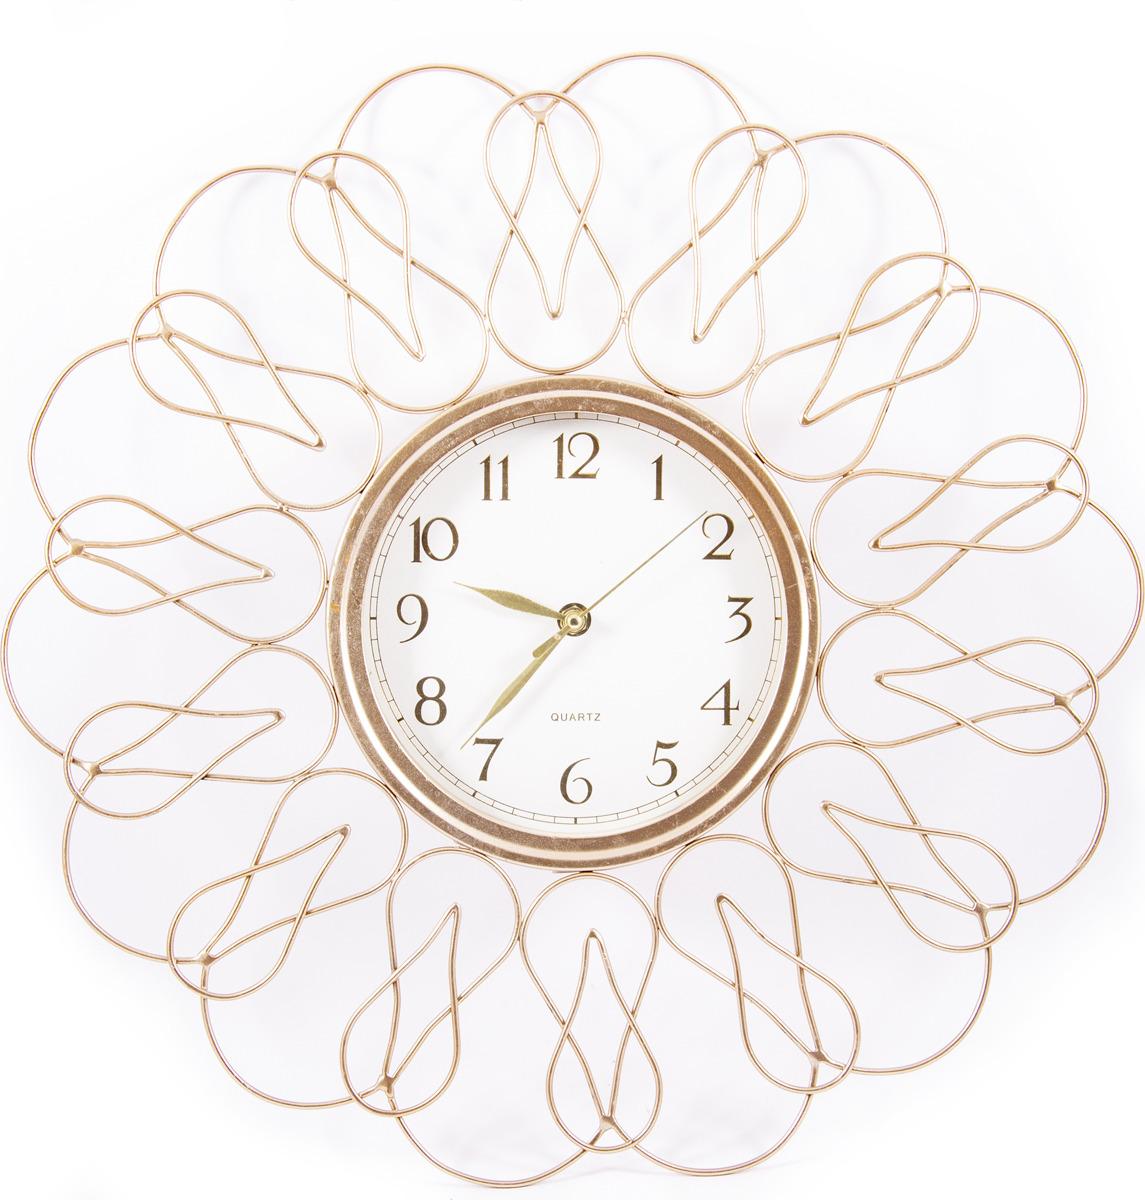 Часы настенные La Geer, 60808, разноцветный, 46 х 5 х 46 см все цены